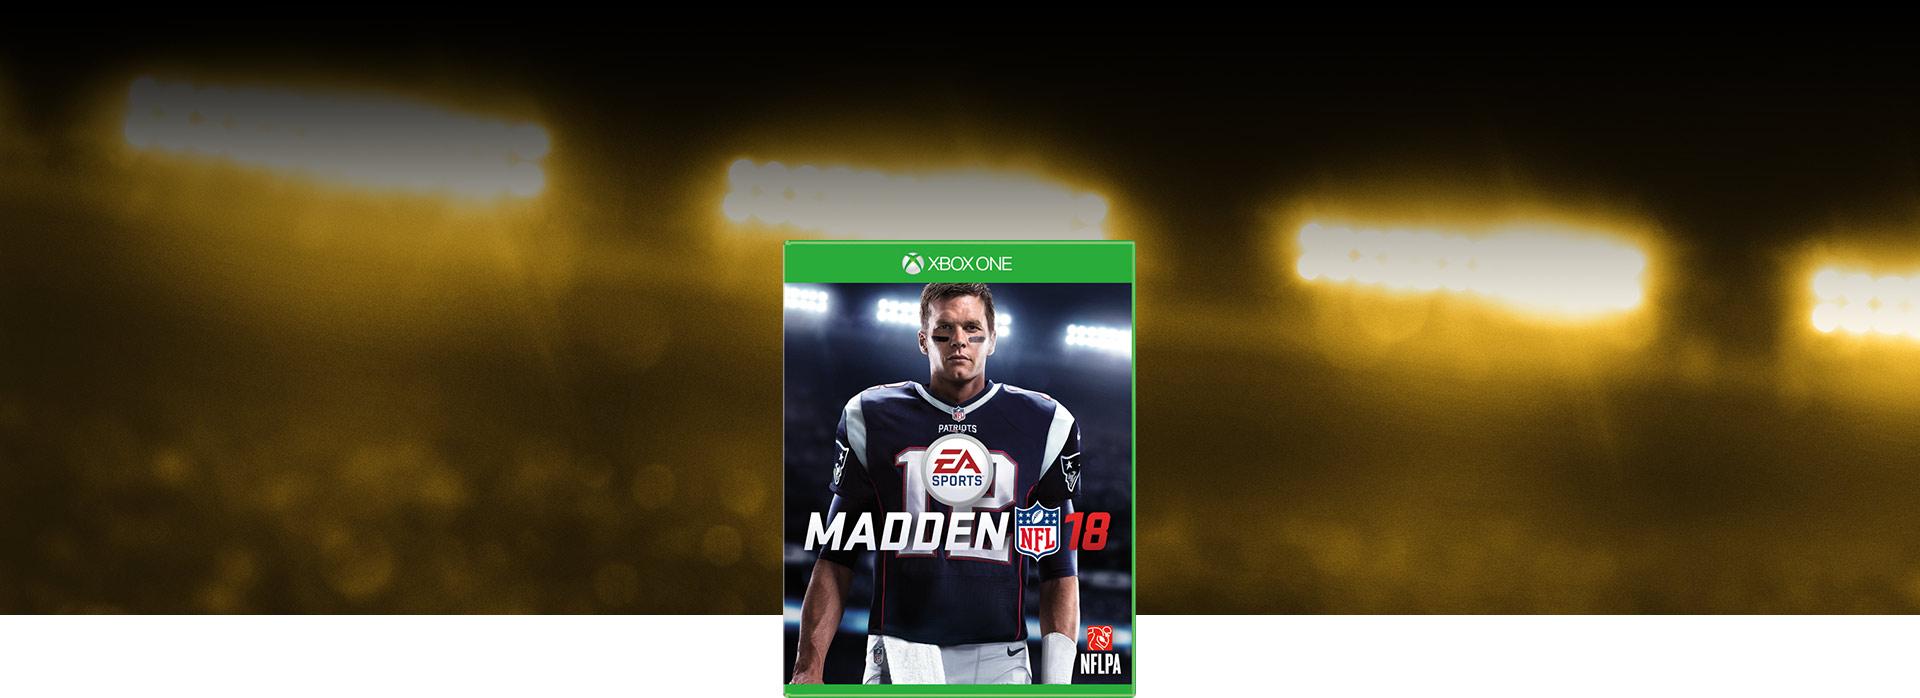 Imagen de la caja del juego de Madden NFL18